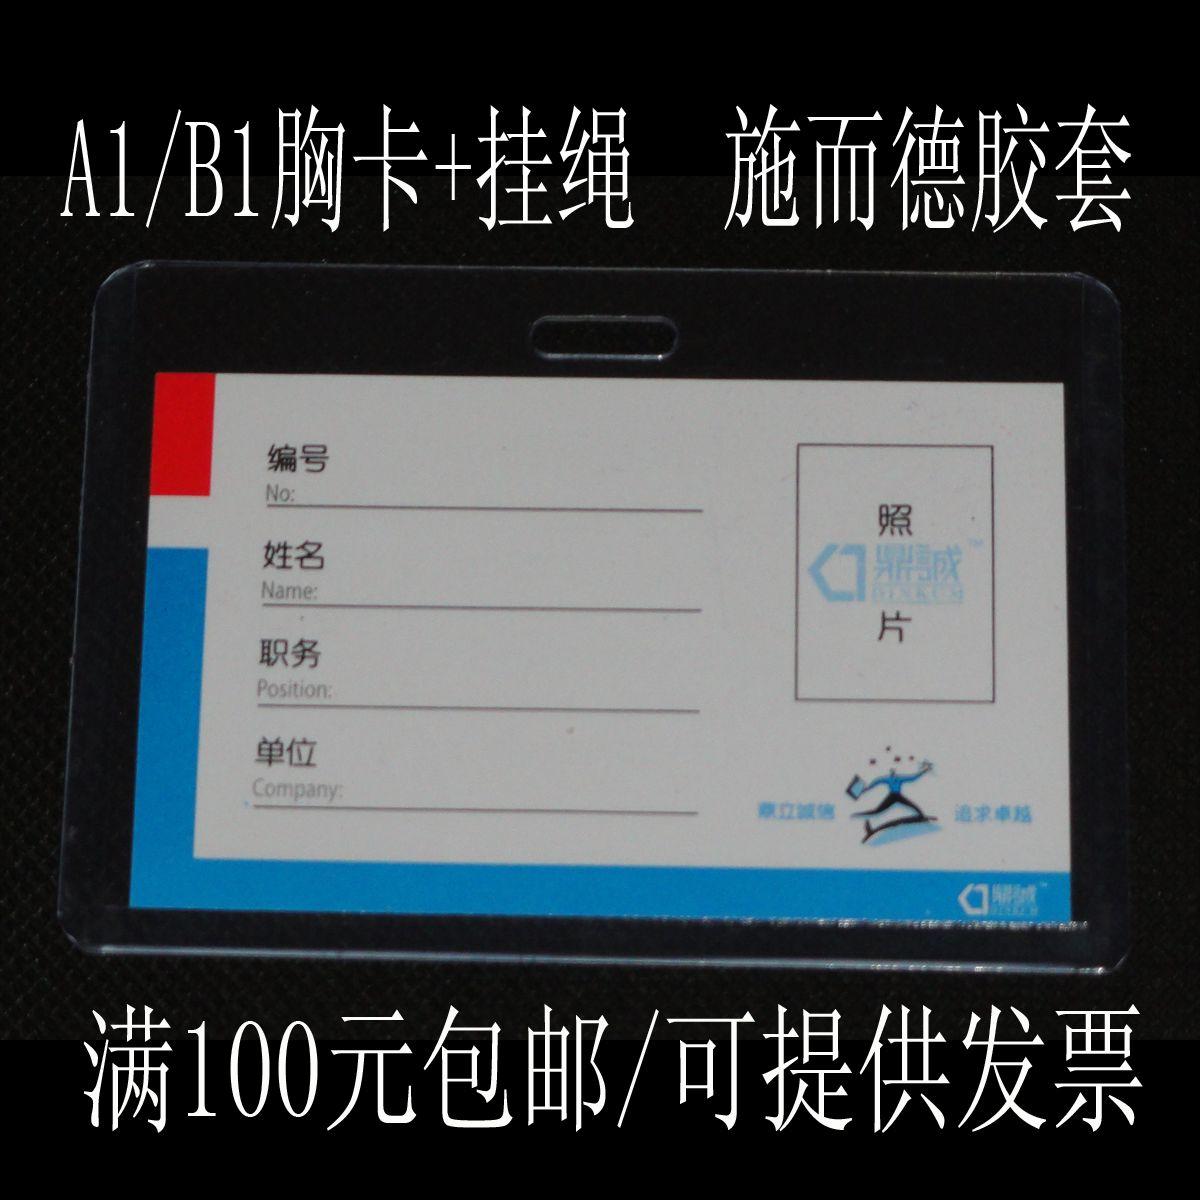 硬胶套胶套证件卡工作证A1B1A2B2A3B3B4A7B7胸卡